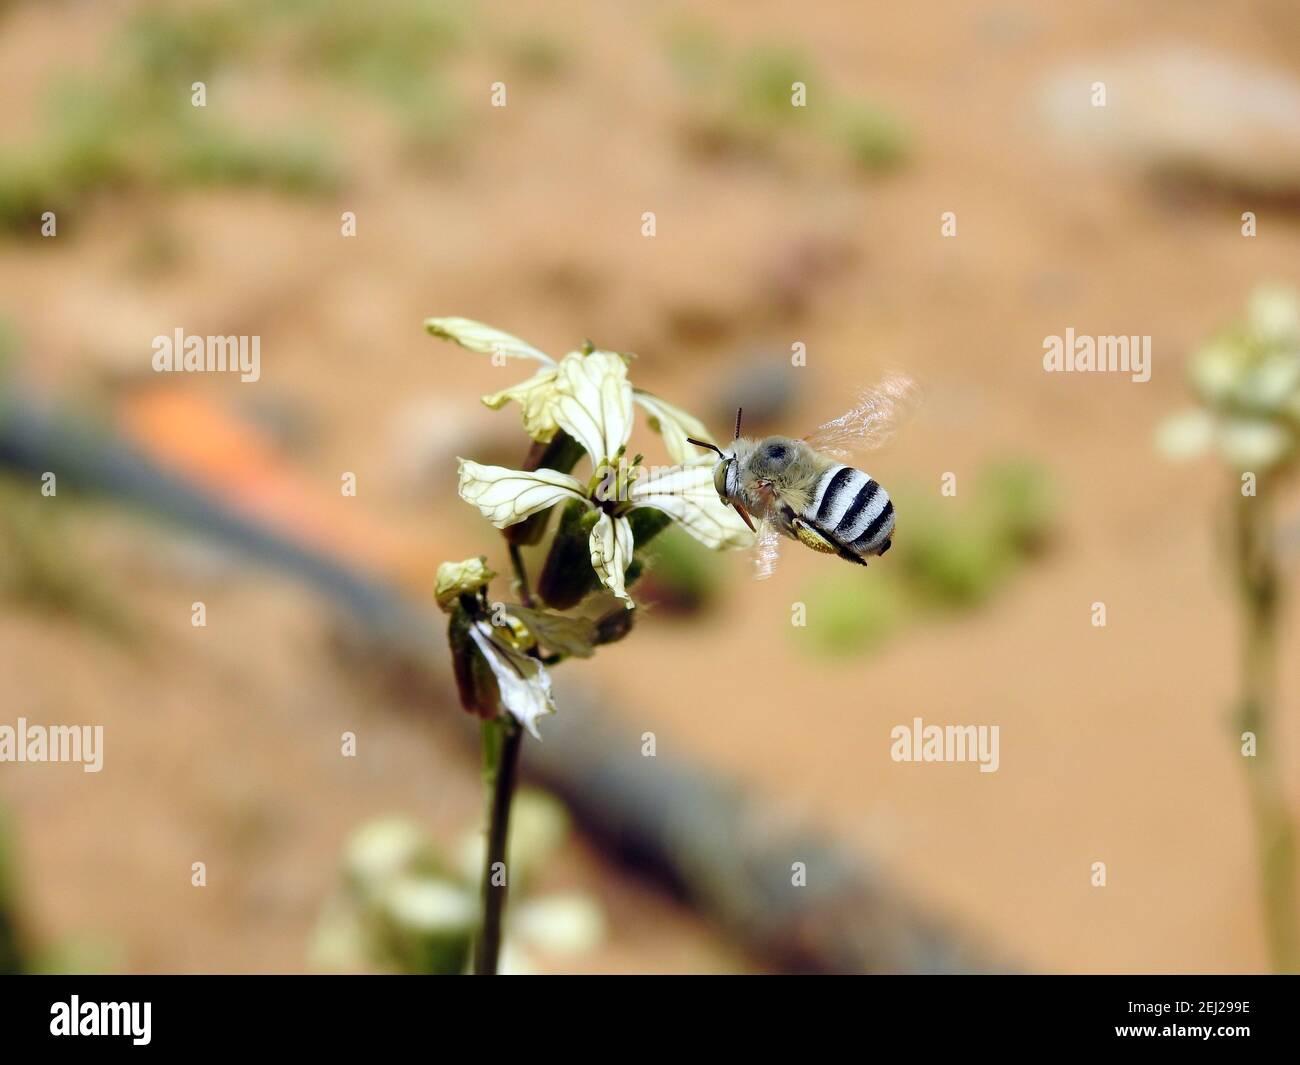 Una piccola ape volante intorno ad un fiore di rucola , che consuma il nettare di un fiore Foto Stock